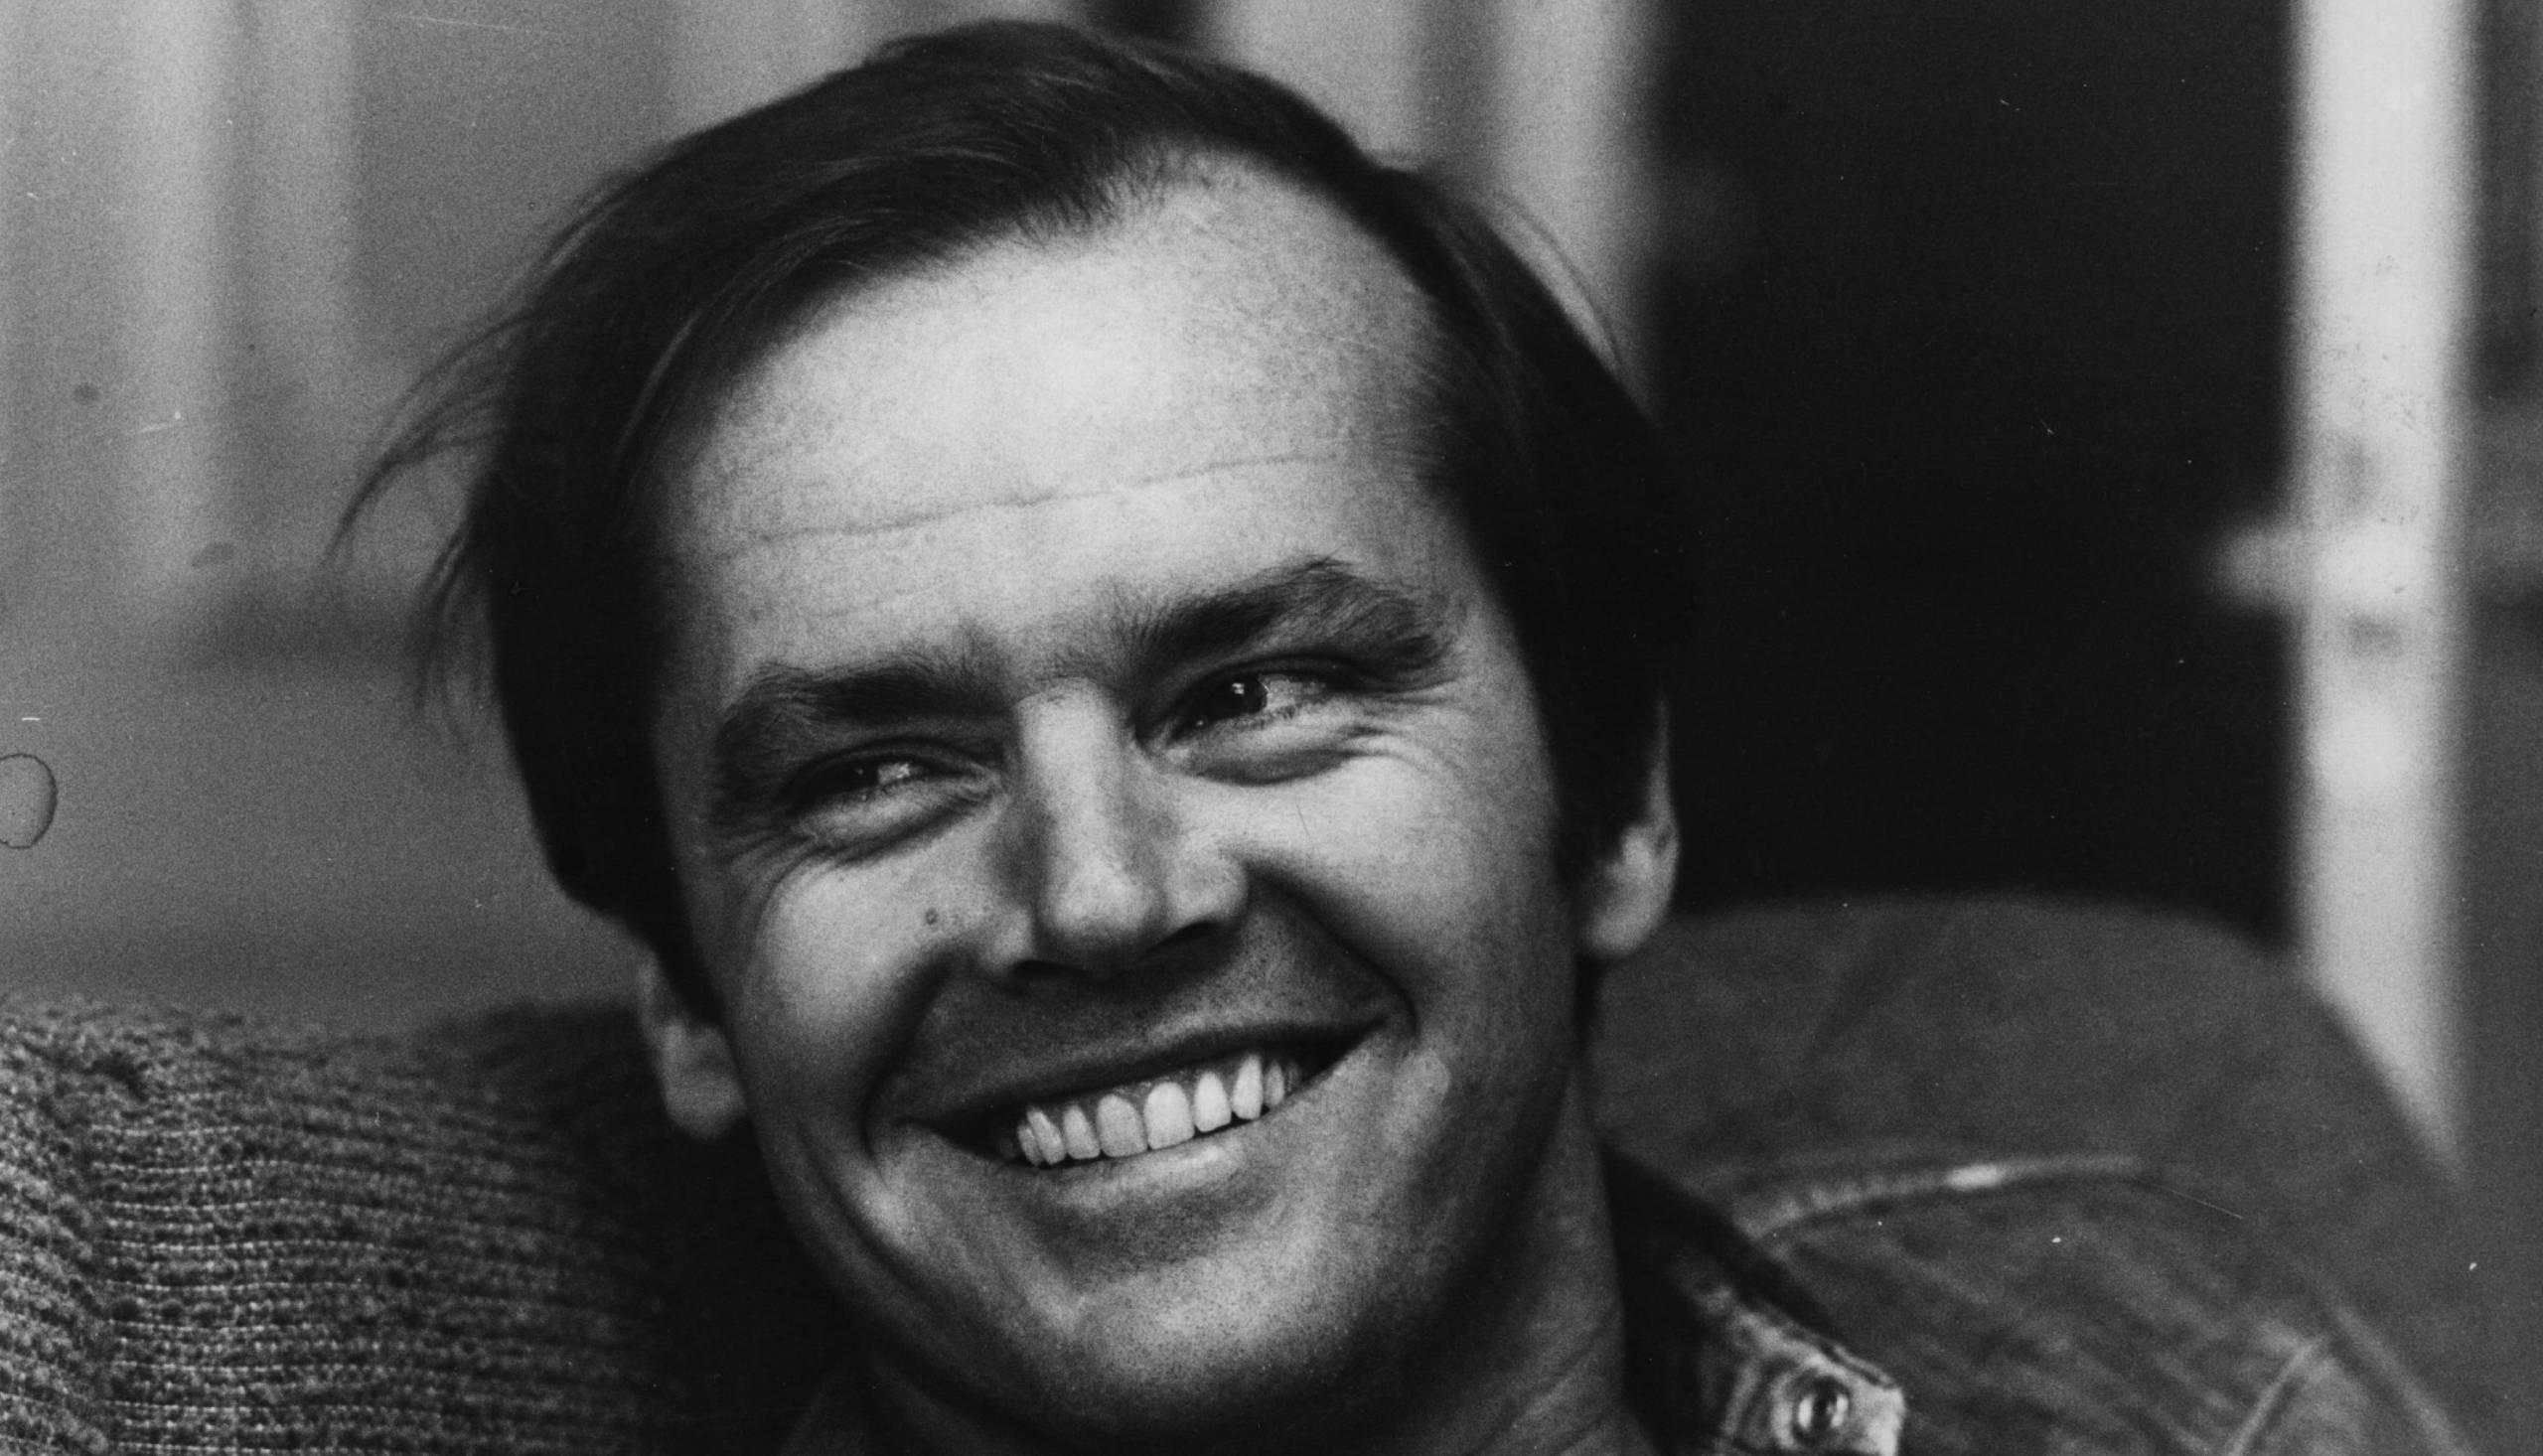 Jack Nicholson Der Wolf von Hollywood